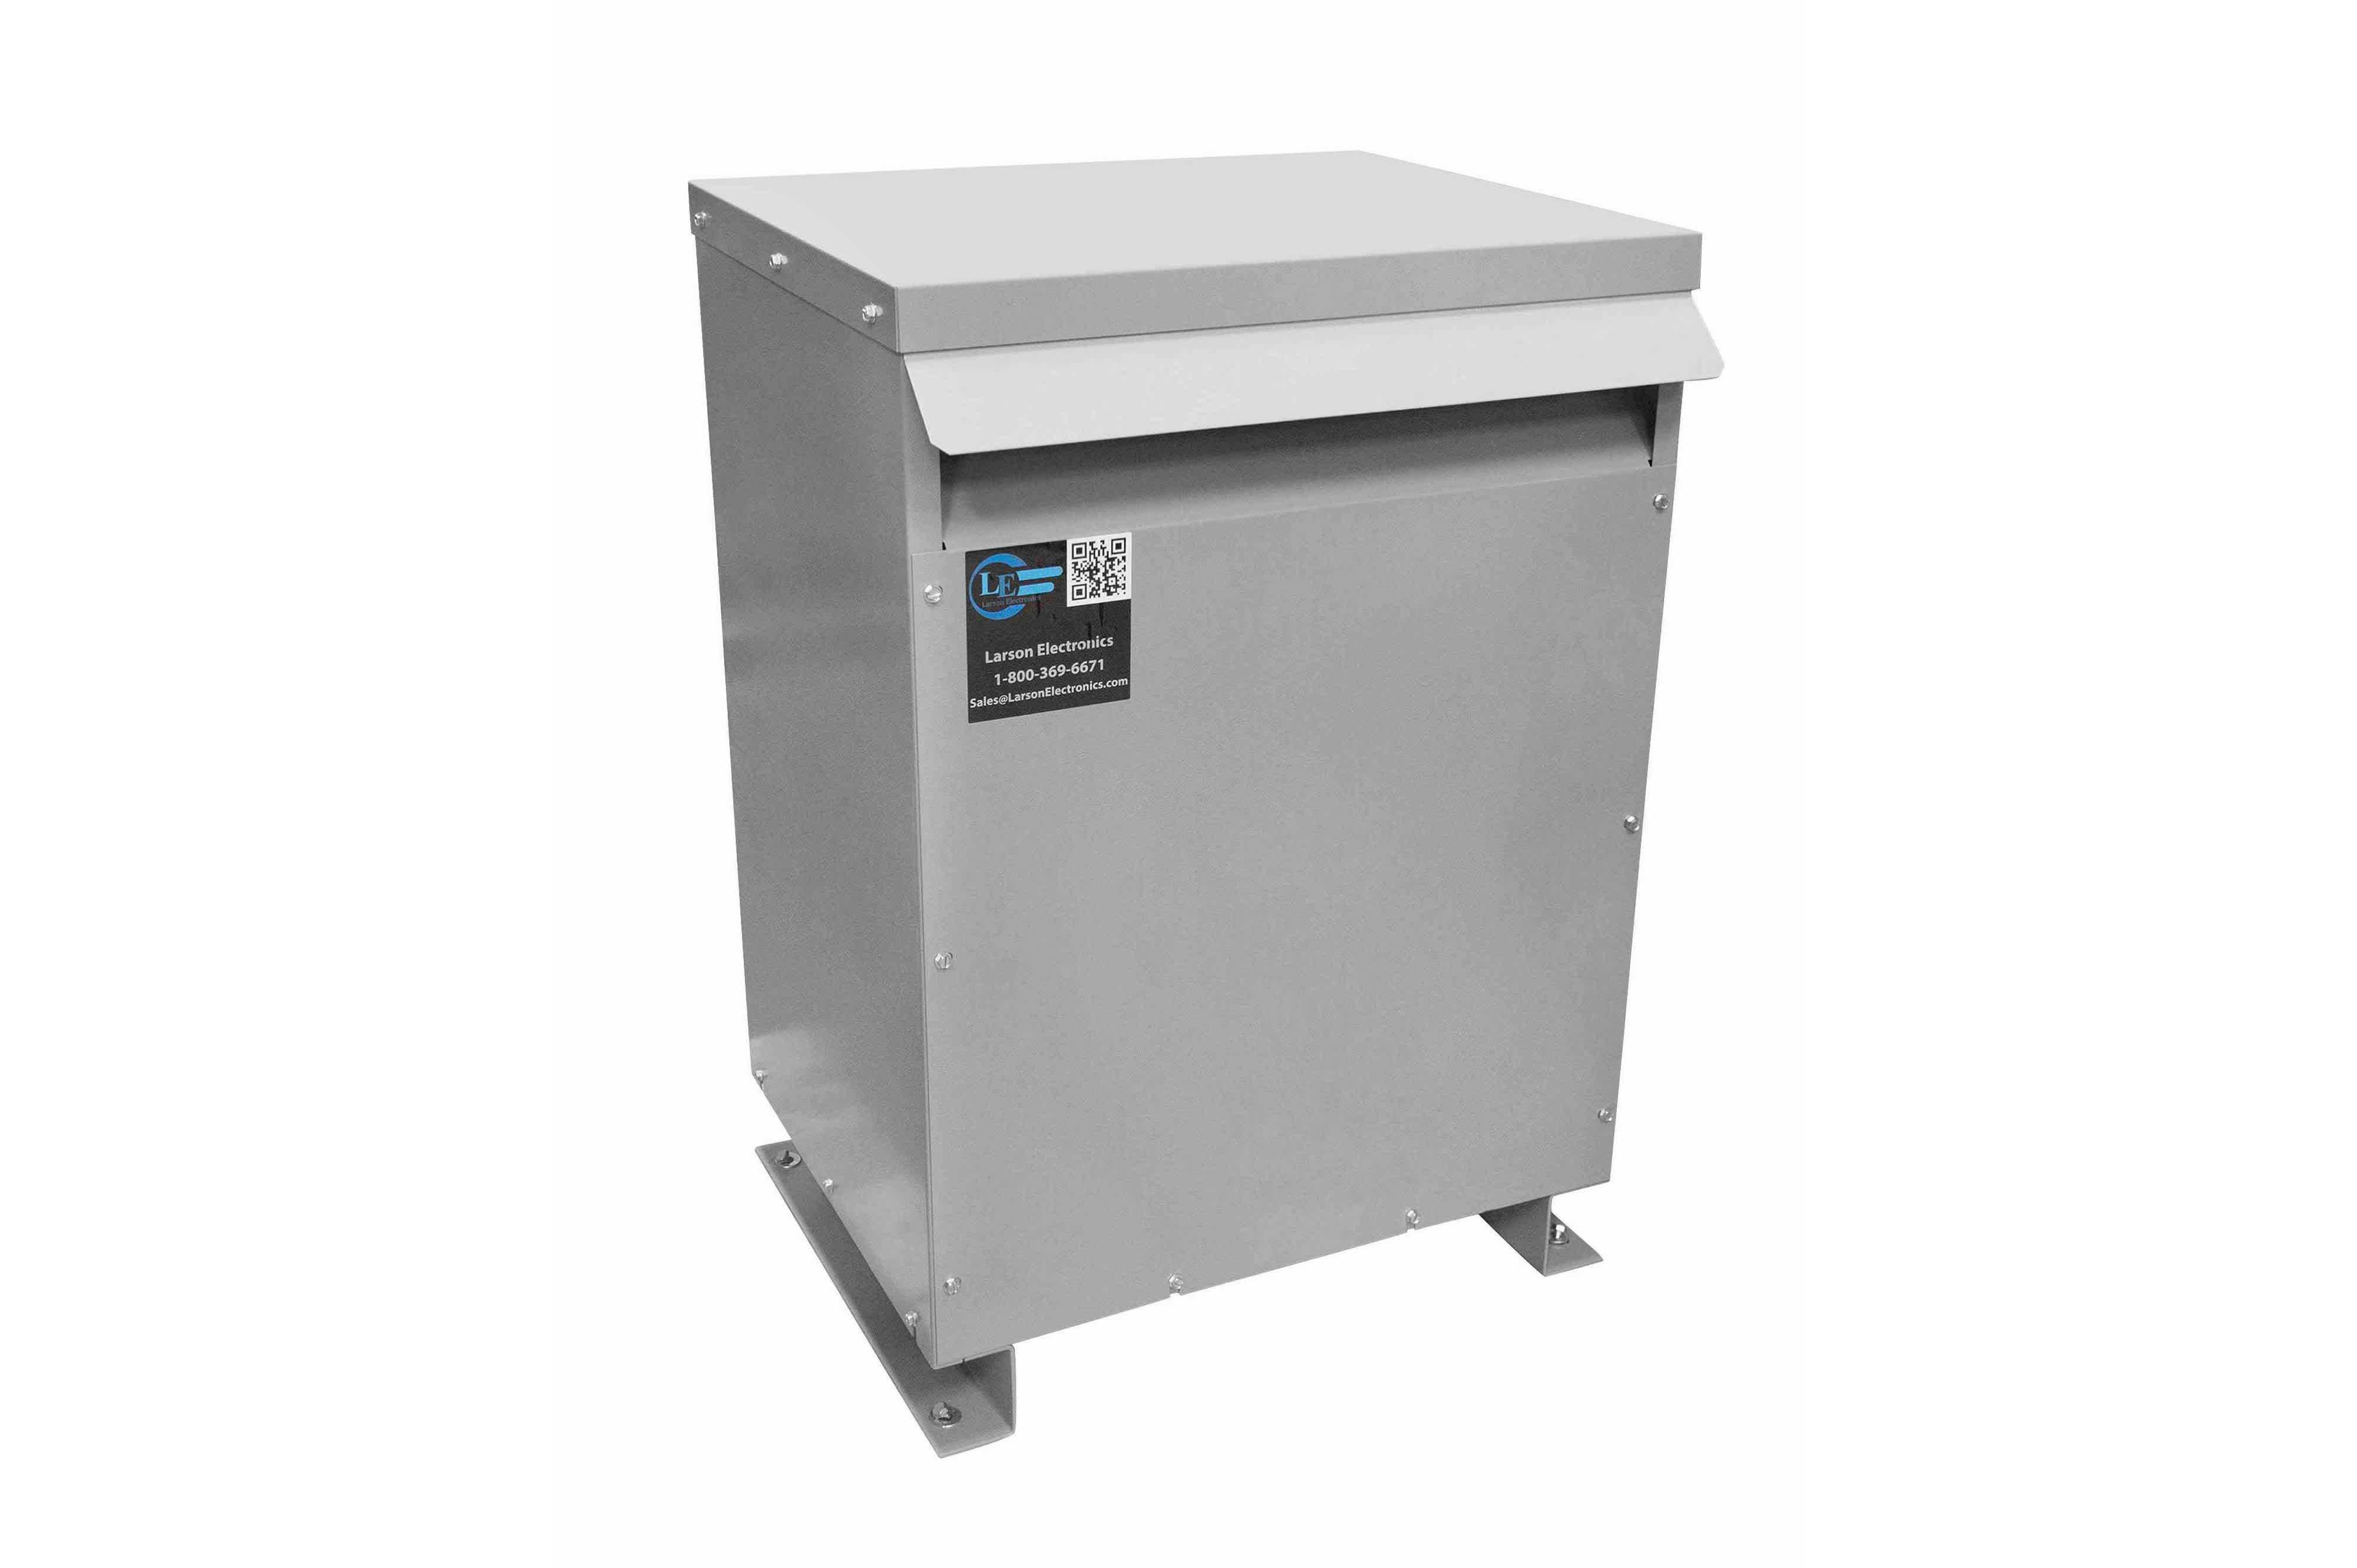 137.5 kVA 3PH Isolation Transformer, 460V Delta Primary, 208V Delta Secondary, N3R, Ventilated, 60 Hz